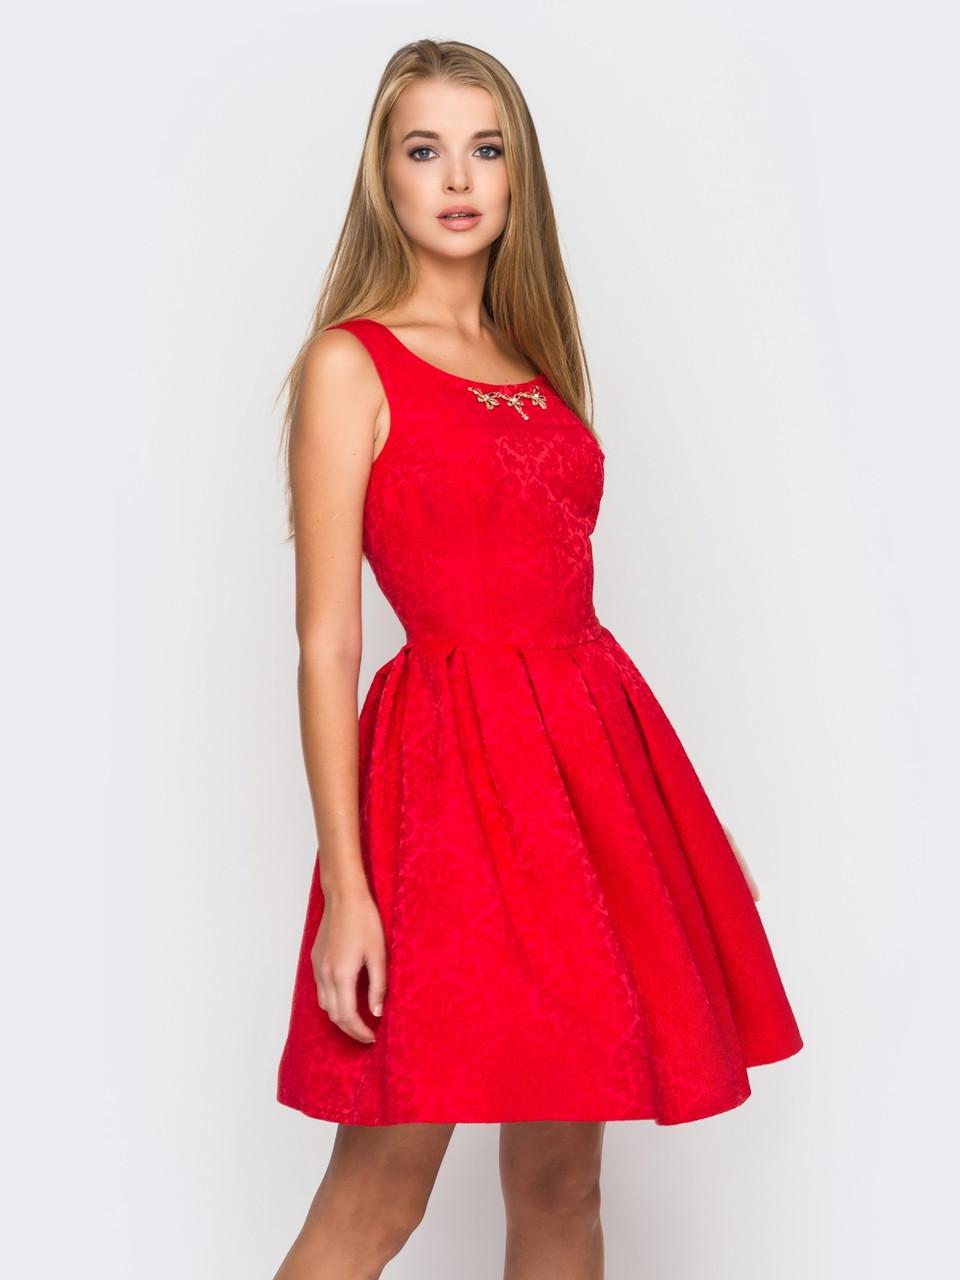 Отрезное по талии женское платье из жаккарда с расклешенной юбкой с большими складками 90182/1, фото 1